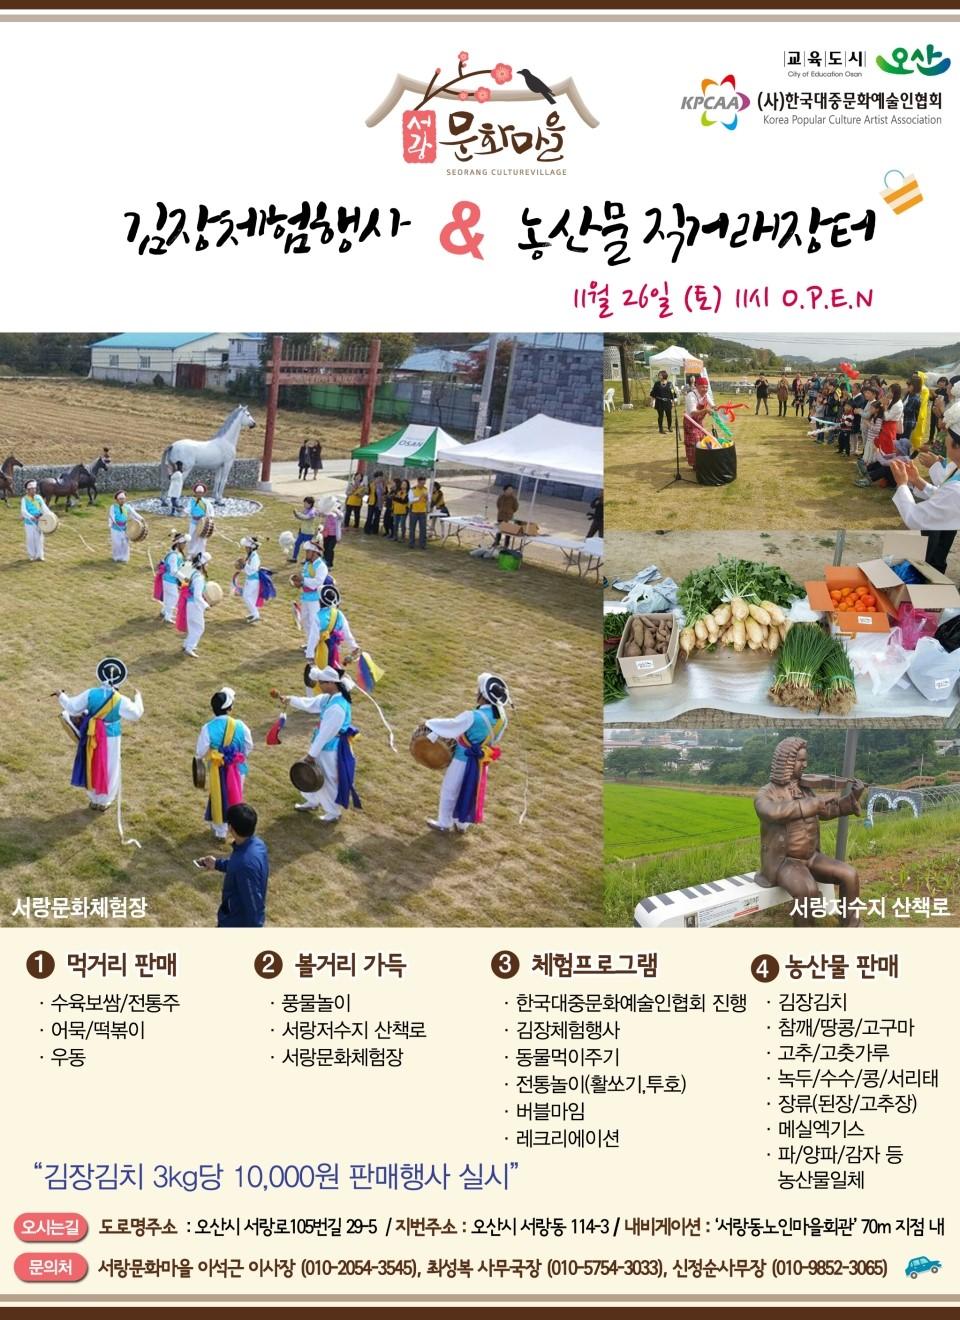 11월서랑문화마을 김장체험행사 농산물직거래장터